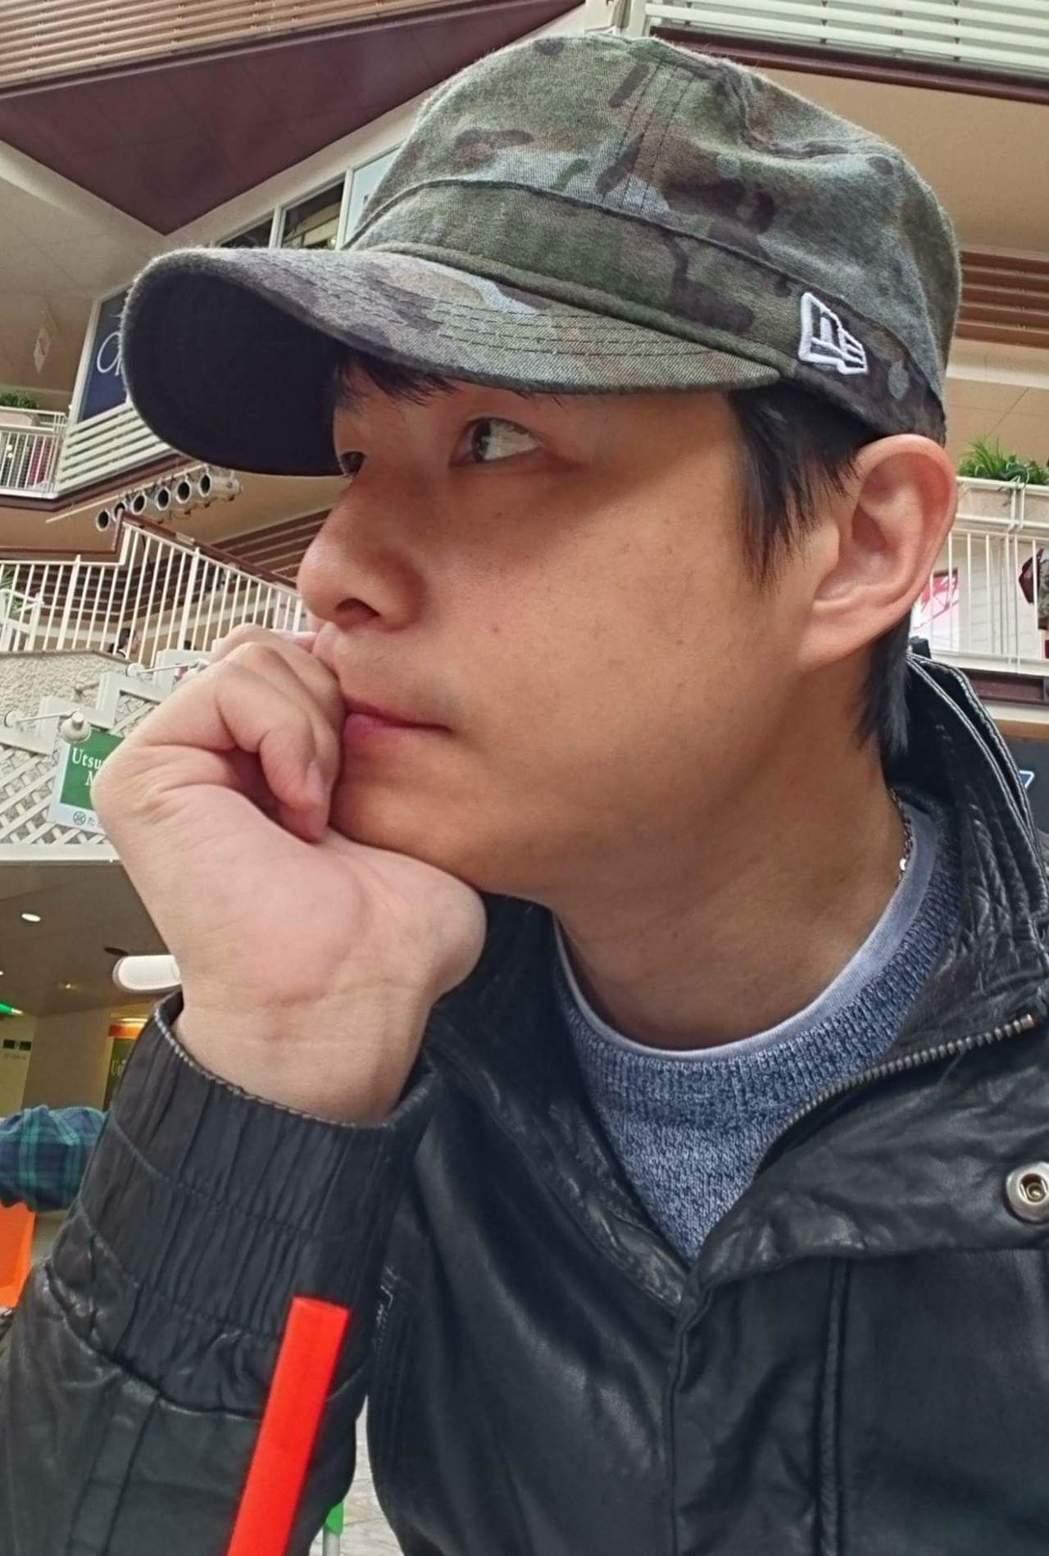 孫協志上節目剖析當年和韓瑜離婚的心境。圖/摘自孫協志臉書